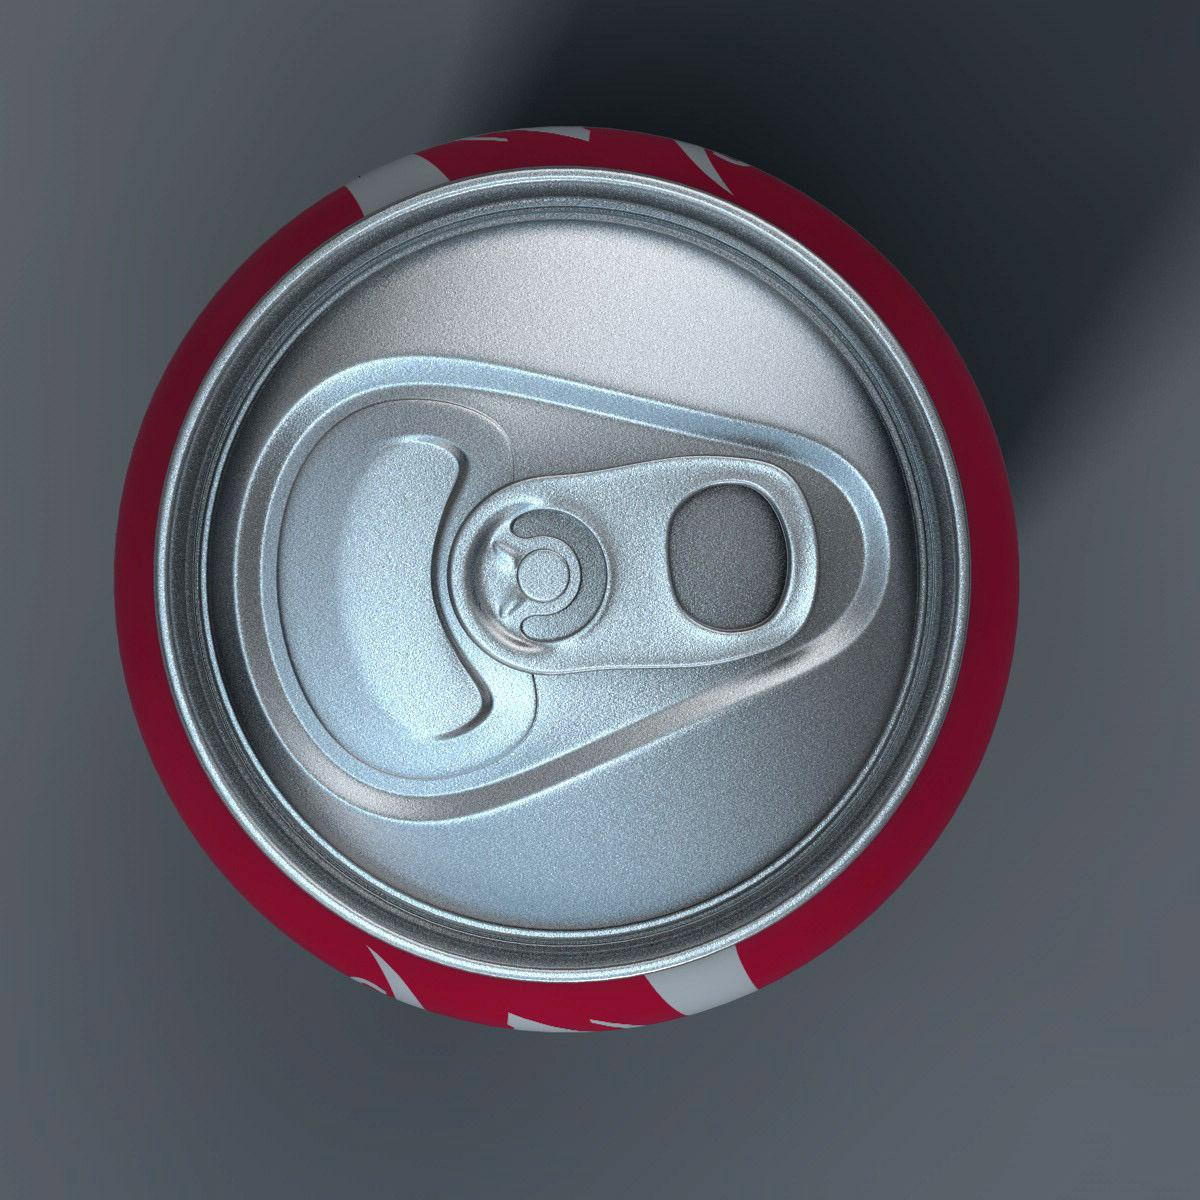 Realistic Coca Cola Can 3d Model Obj 3ds Fbx C4d